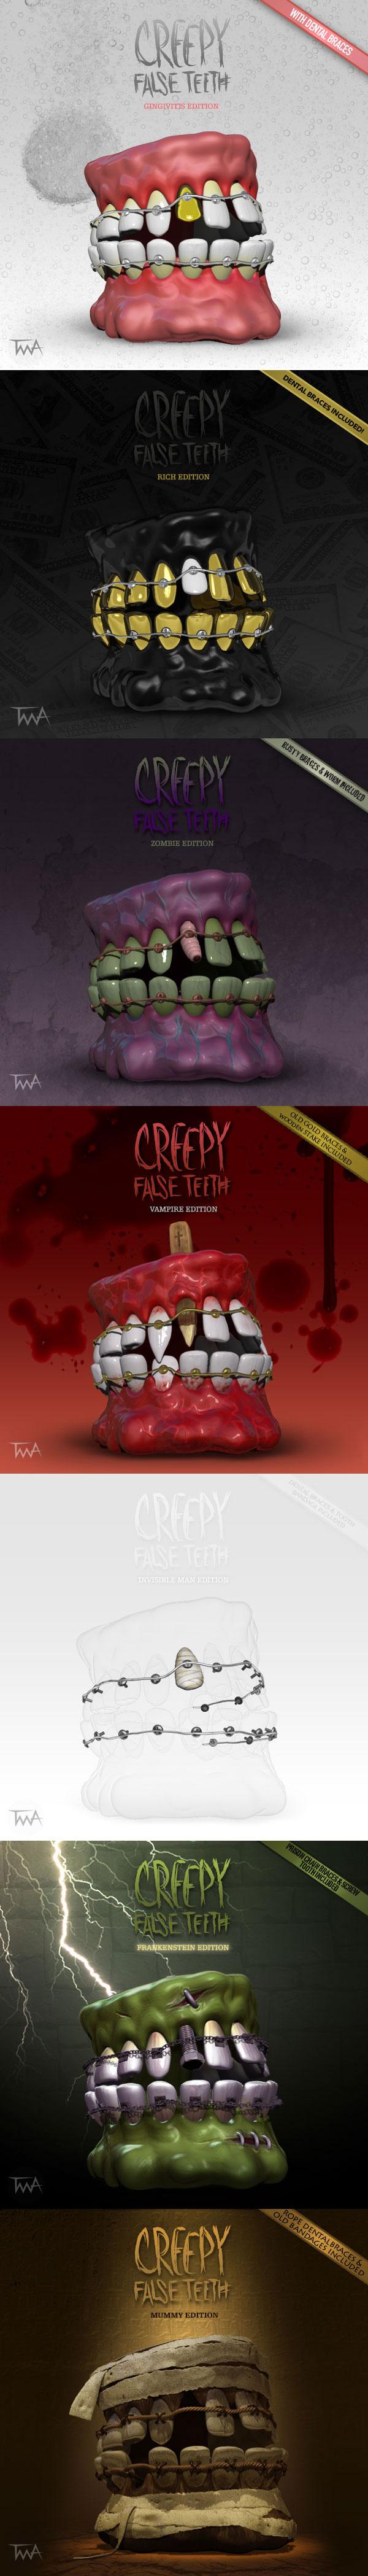 Creepy False Teeth with dental braces